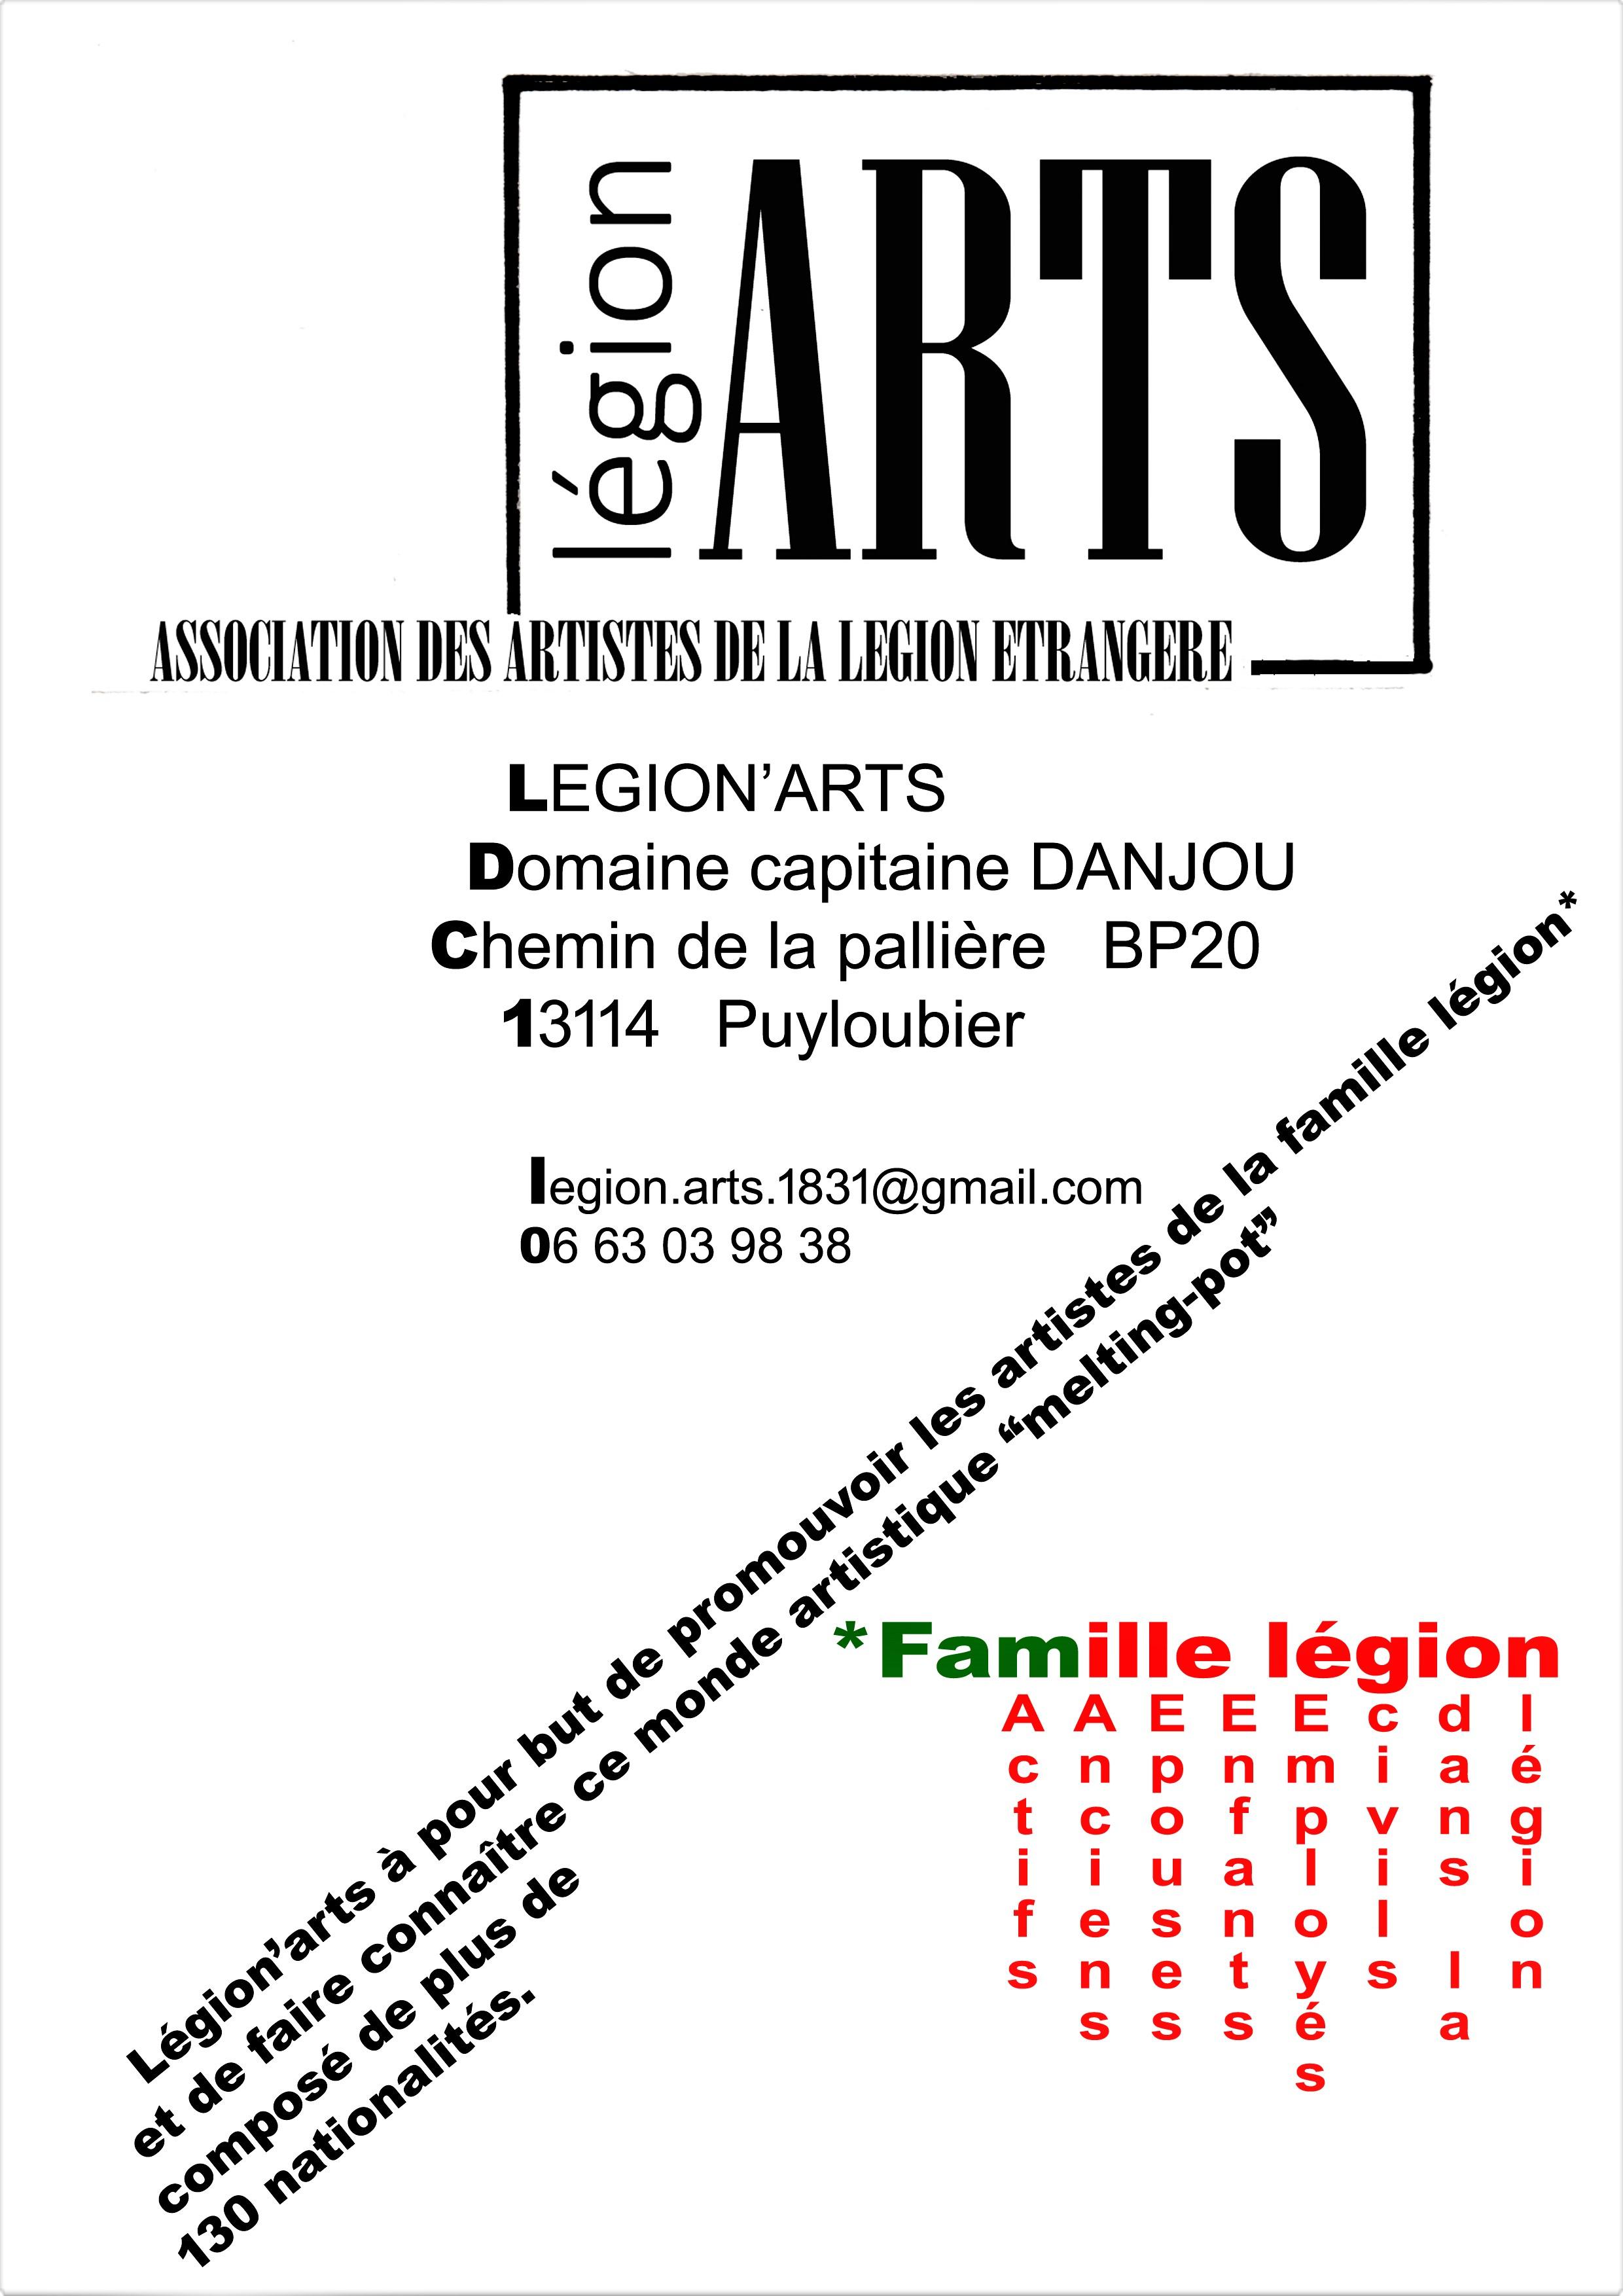 LEGION'ARTS: Précisions !  RDO_LOGO_affichette_copie2